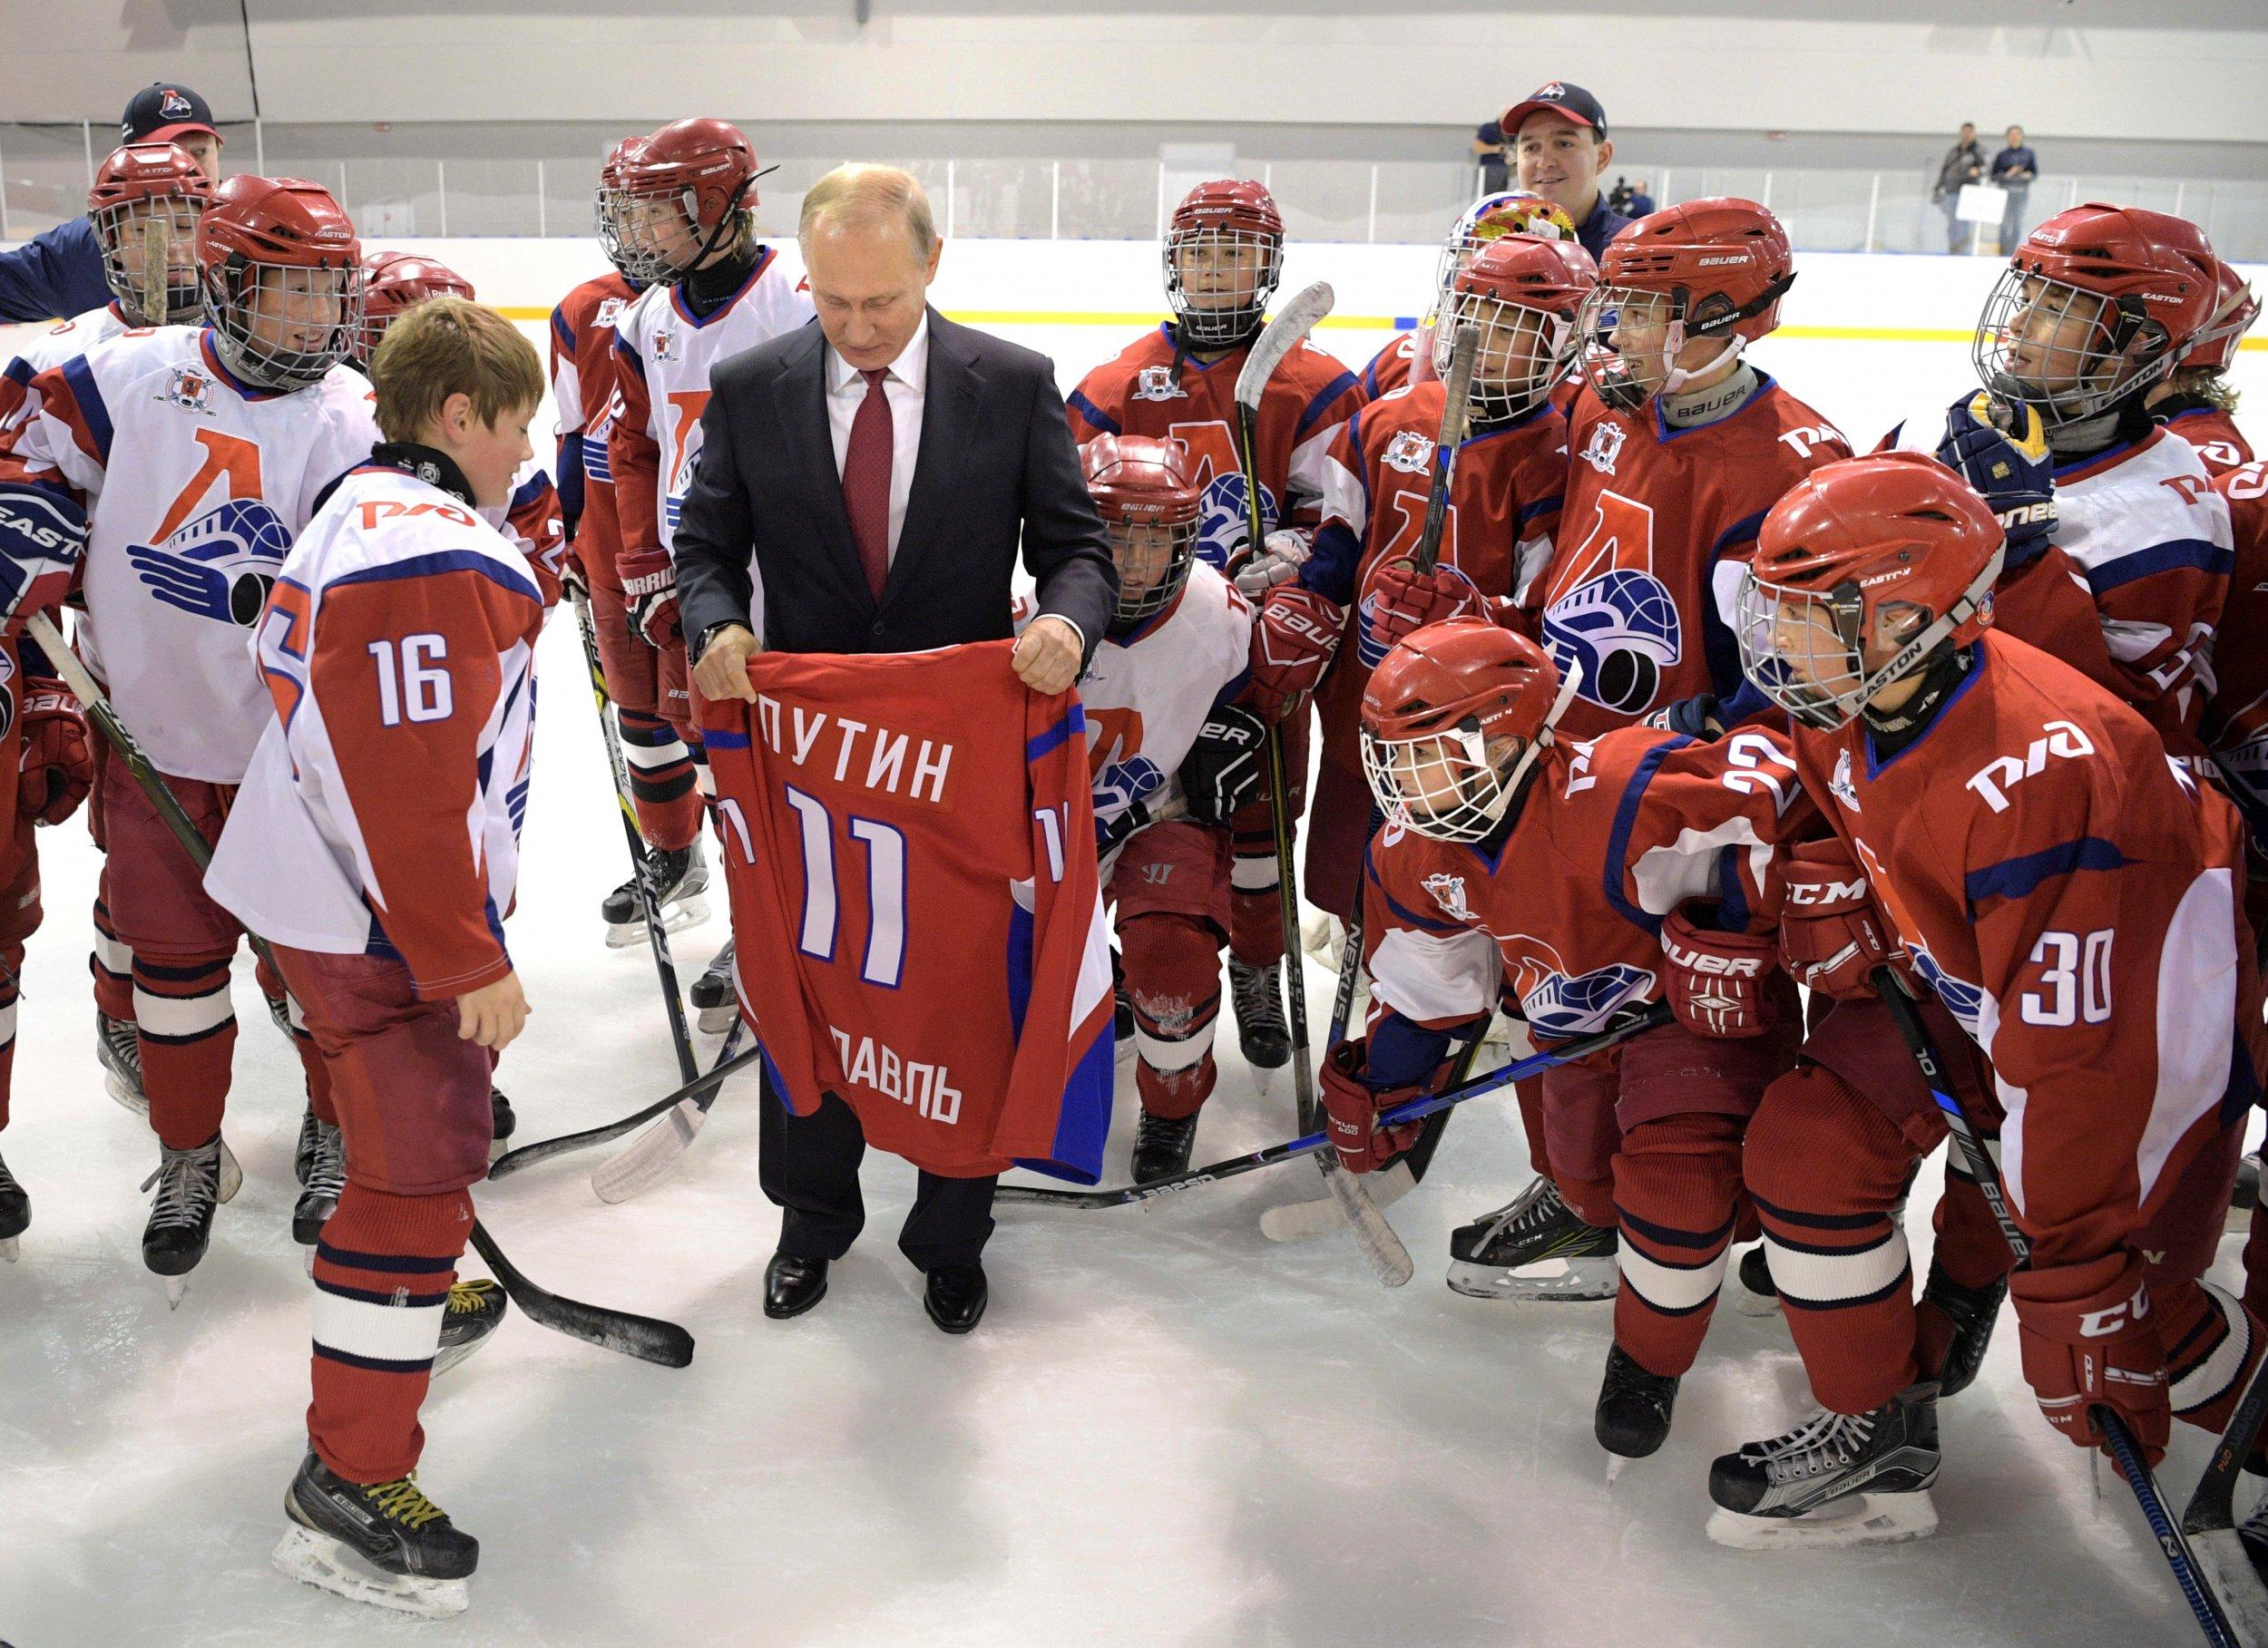 11_16_Putin_Hockey